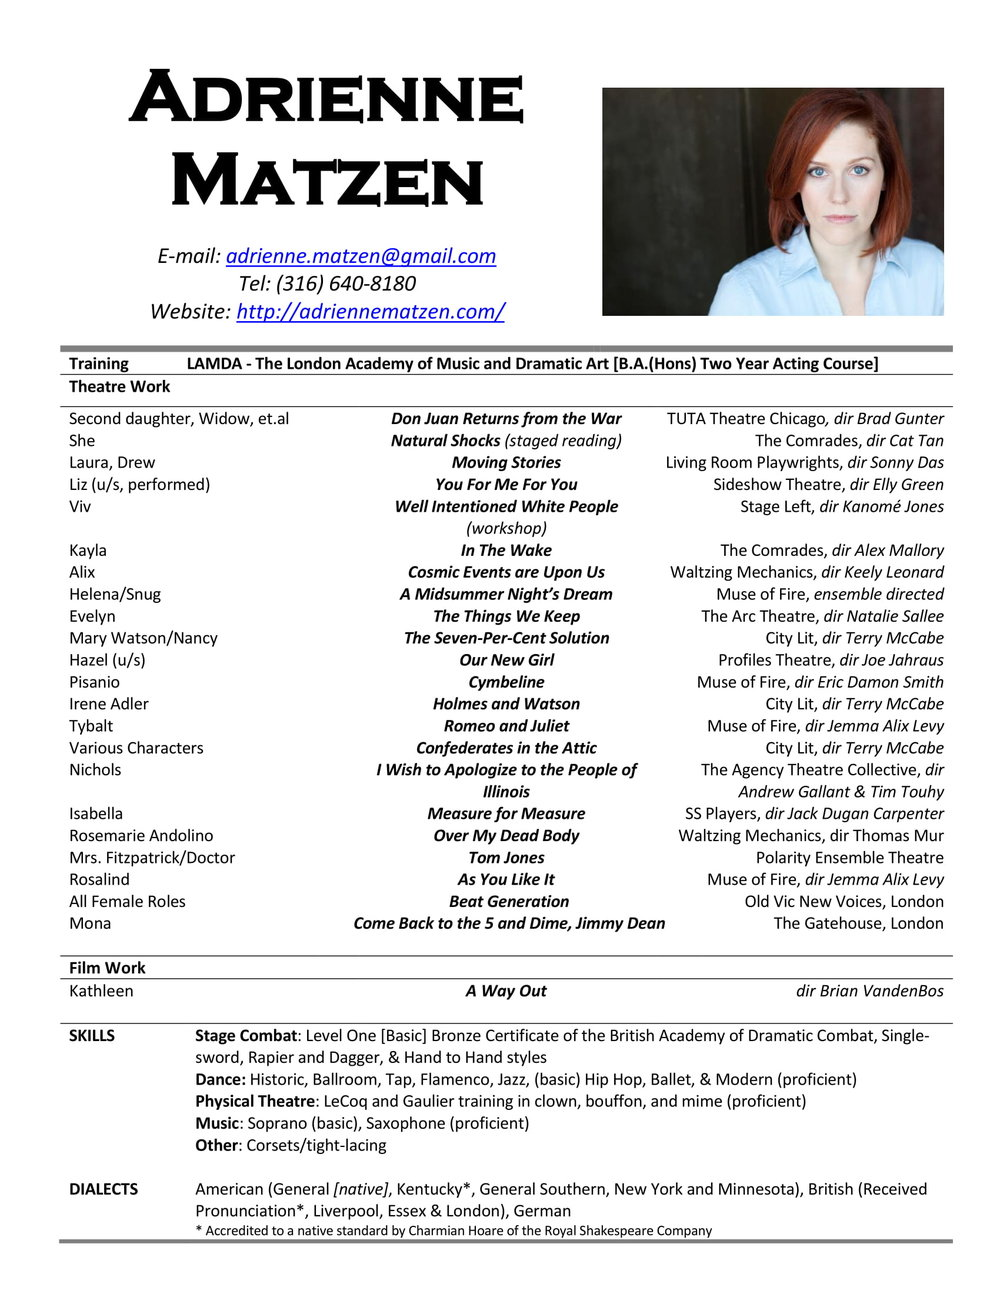 MATZEN, Adrienne_Resume_comm-1.jpg